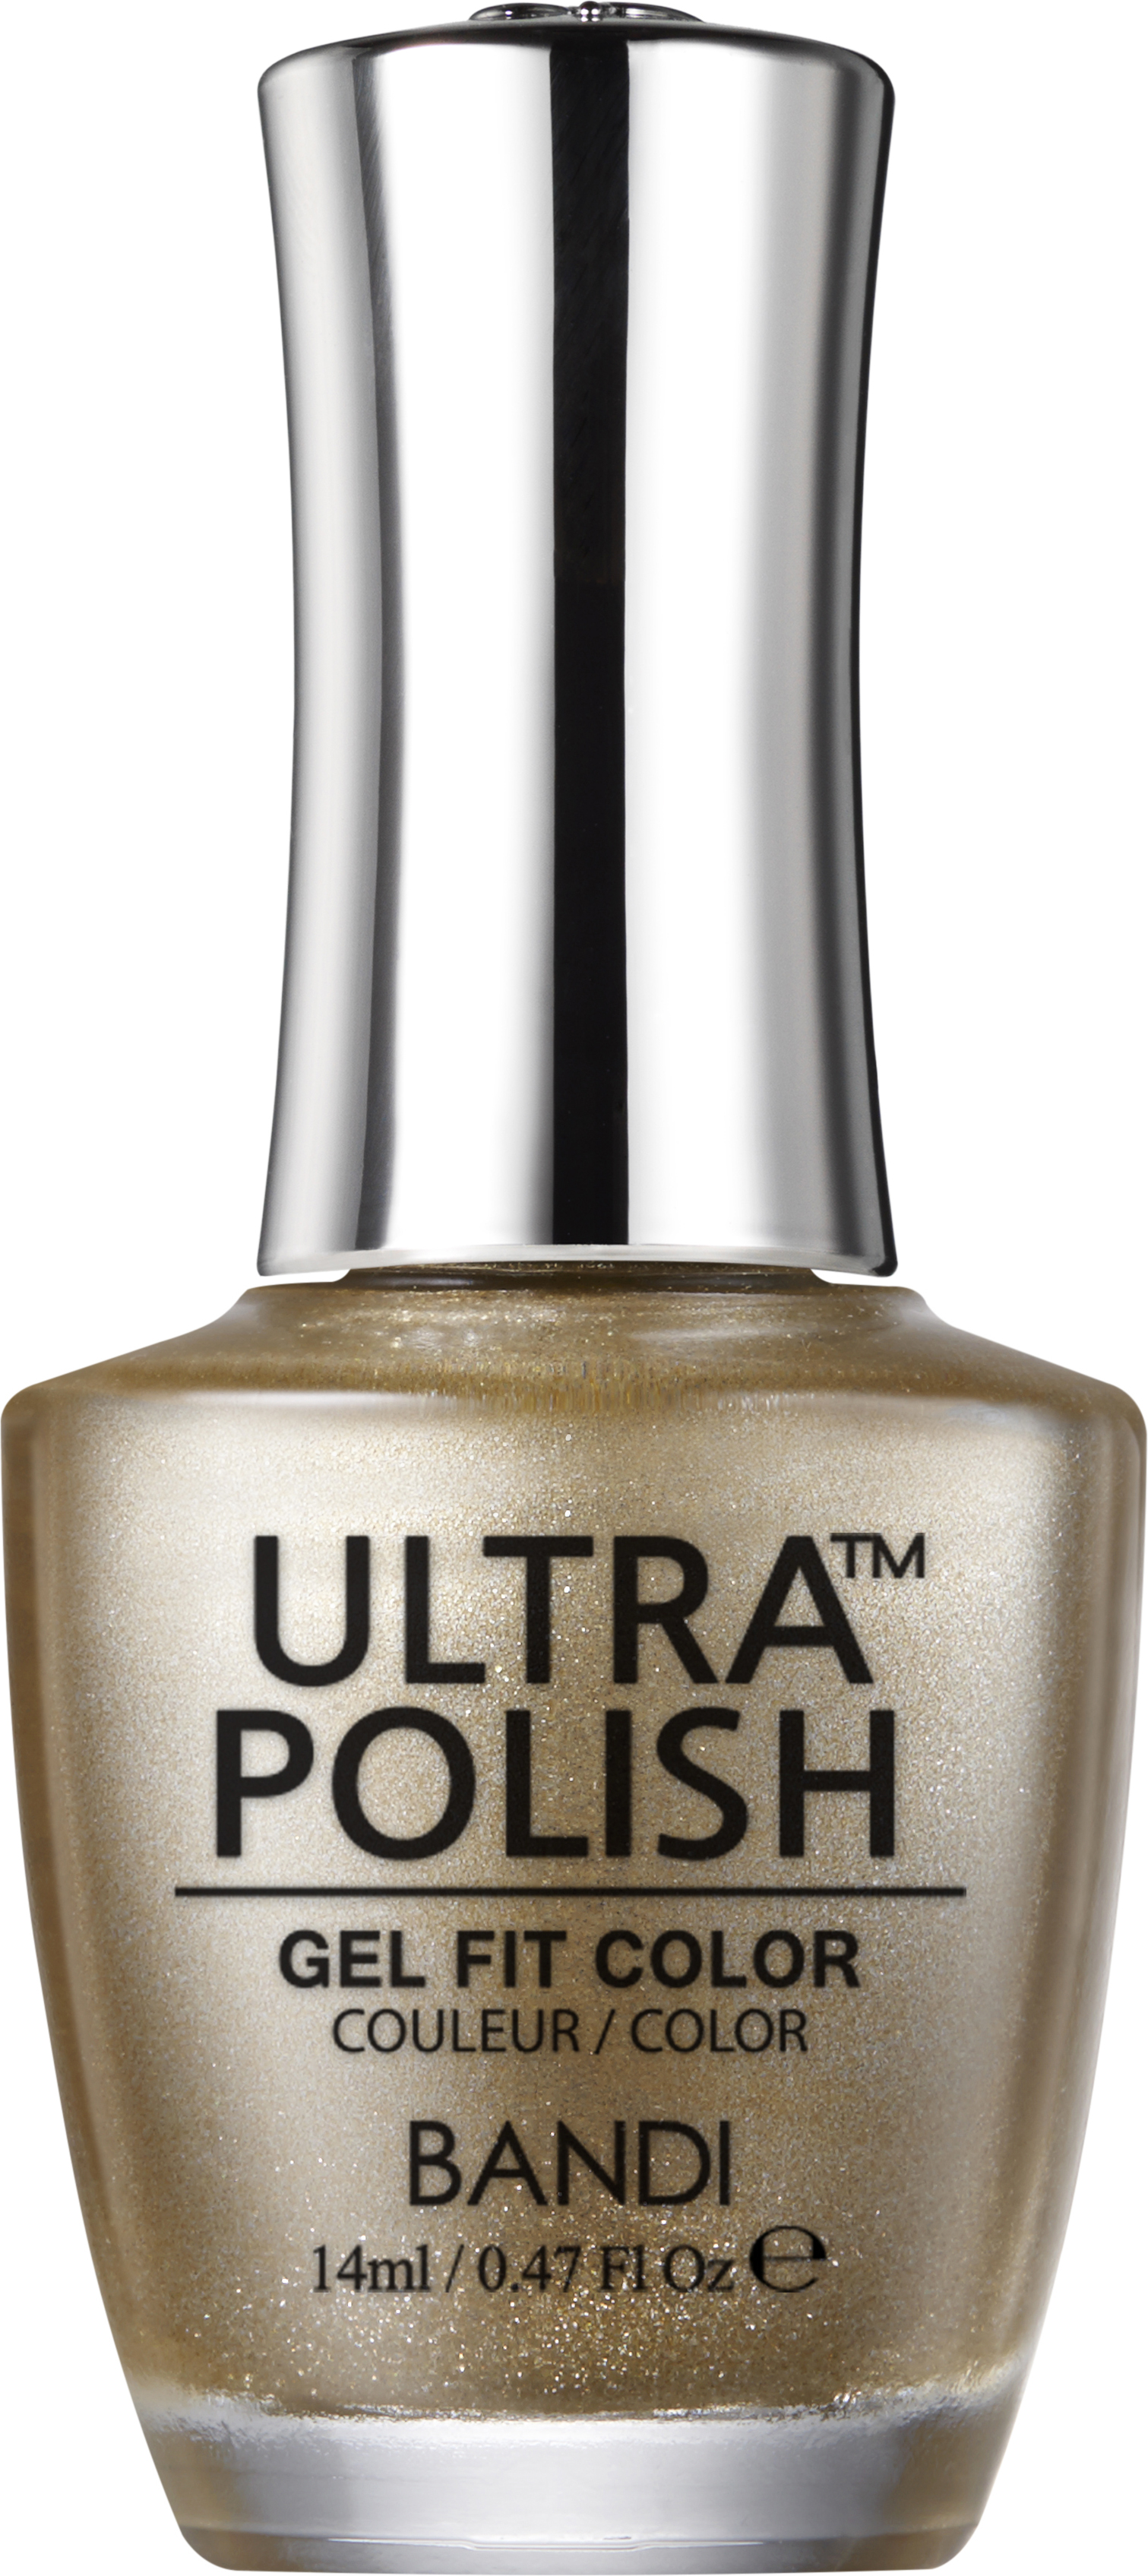 Bandi up903 ультра-покрытие долговременное цветное для ногтей / ultra polish gel fit color 14 мл